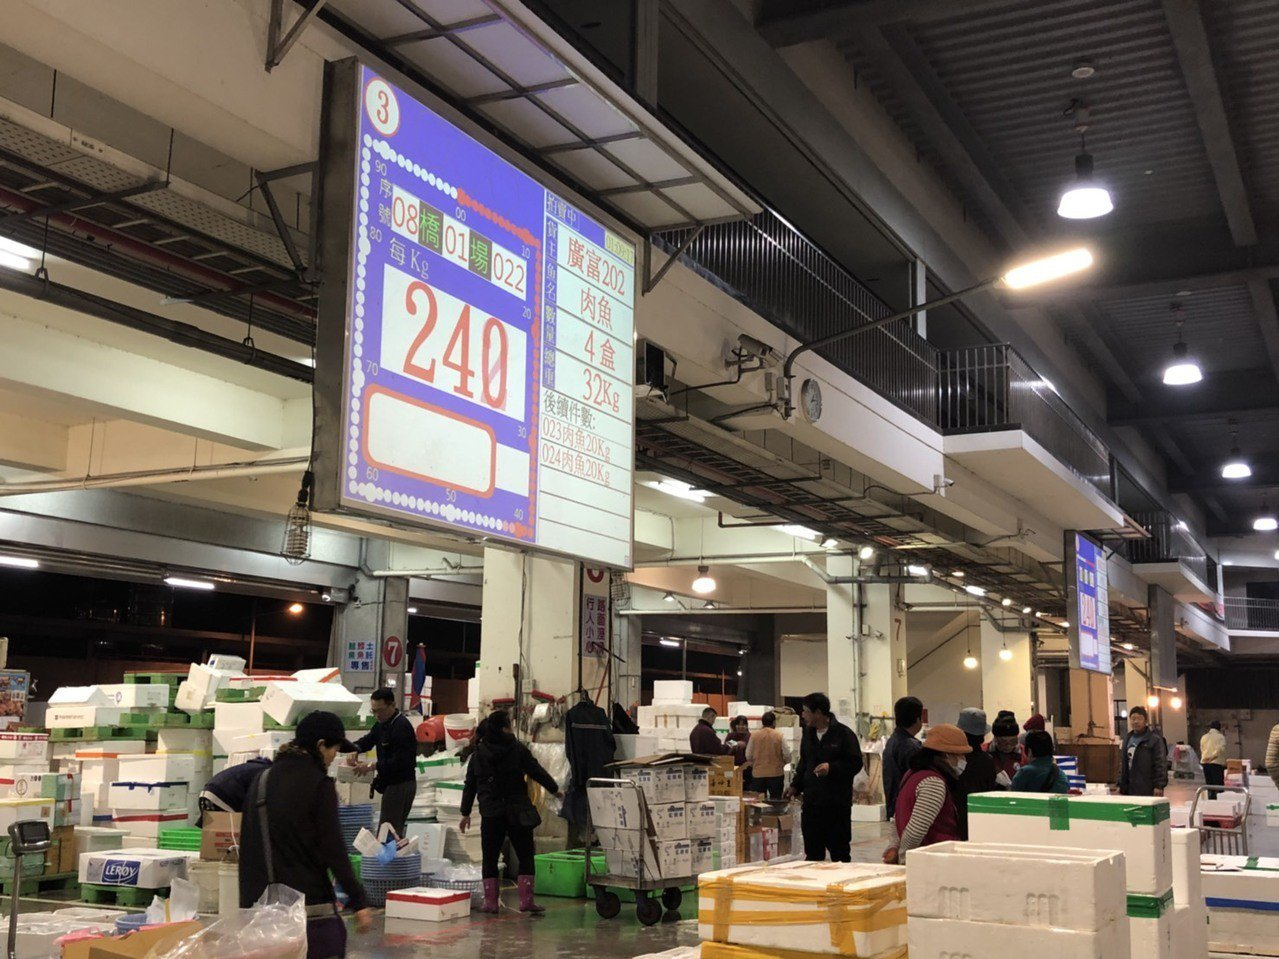 過年前,嘉義魚市場加倍忙碌,拍賣員、承銷人圍在魚貨旁交易,動作迅速俐落。記者王慧...